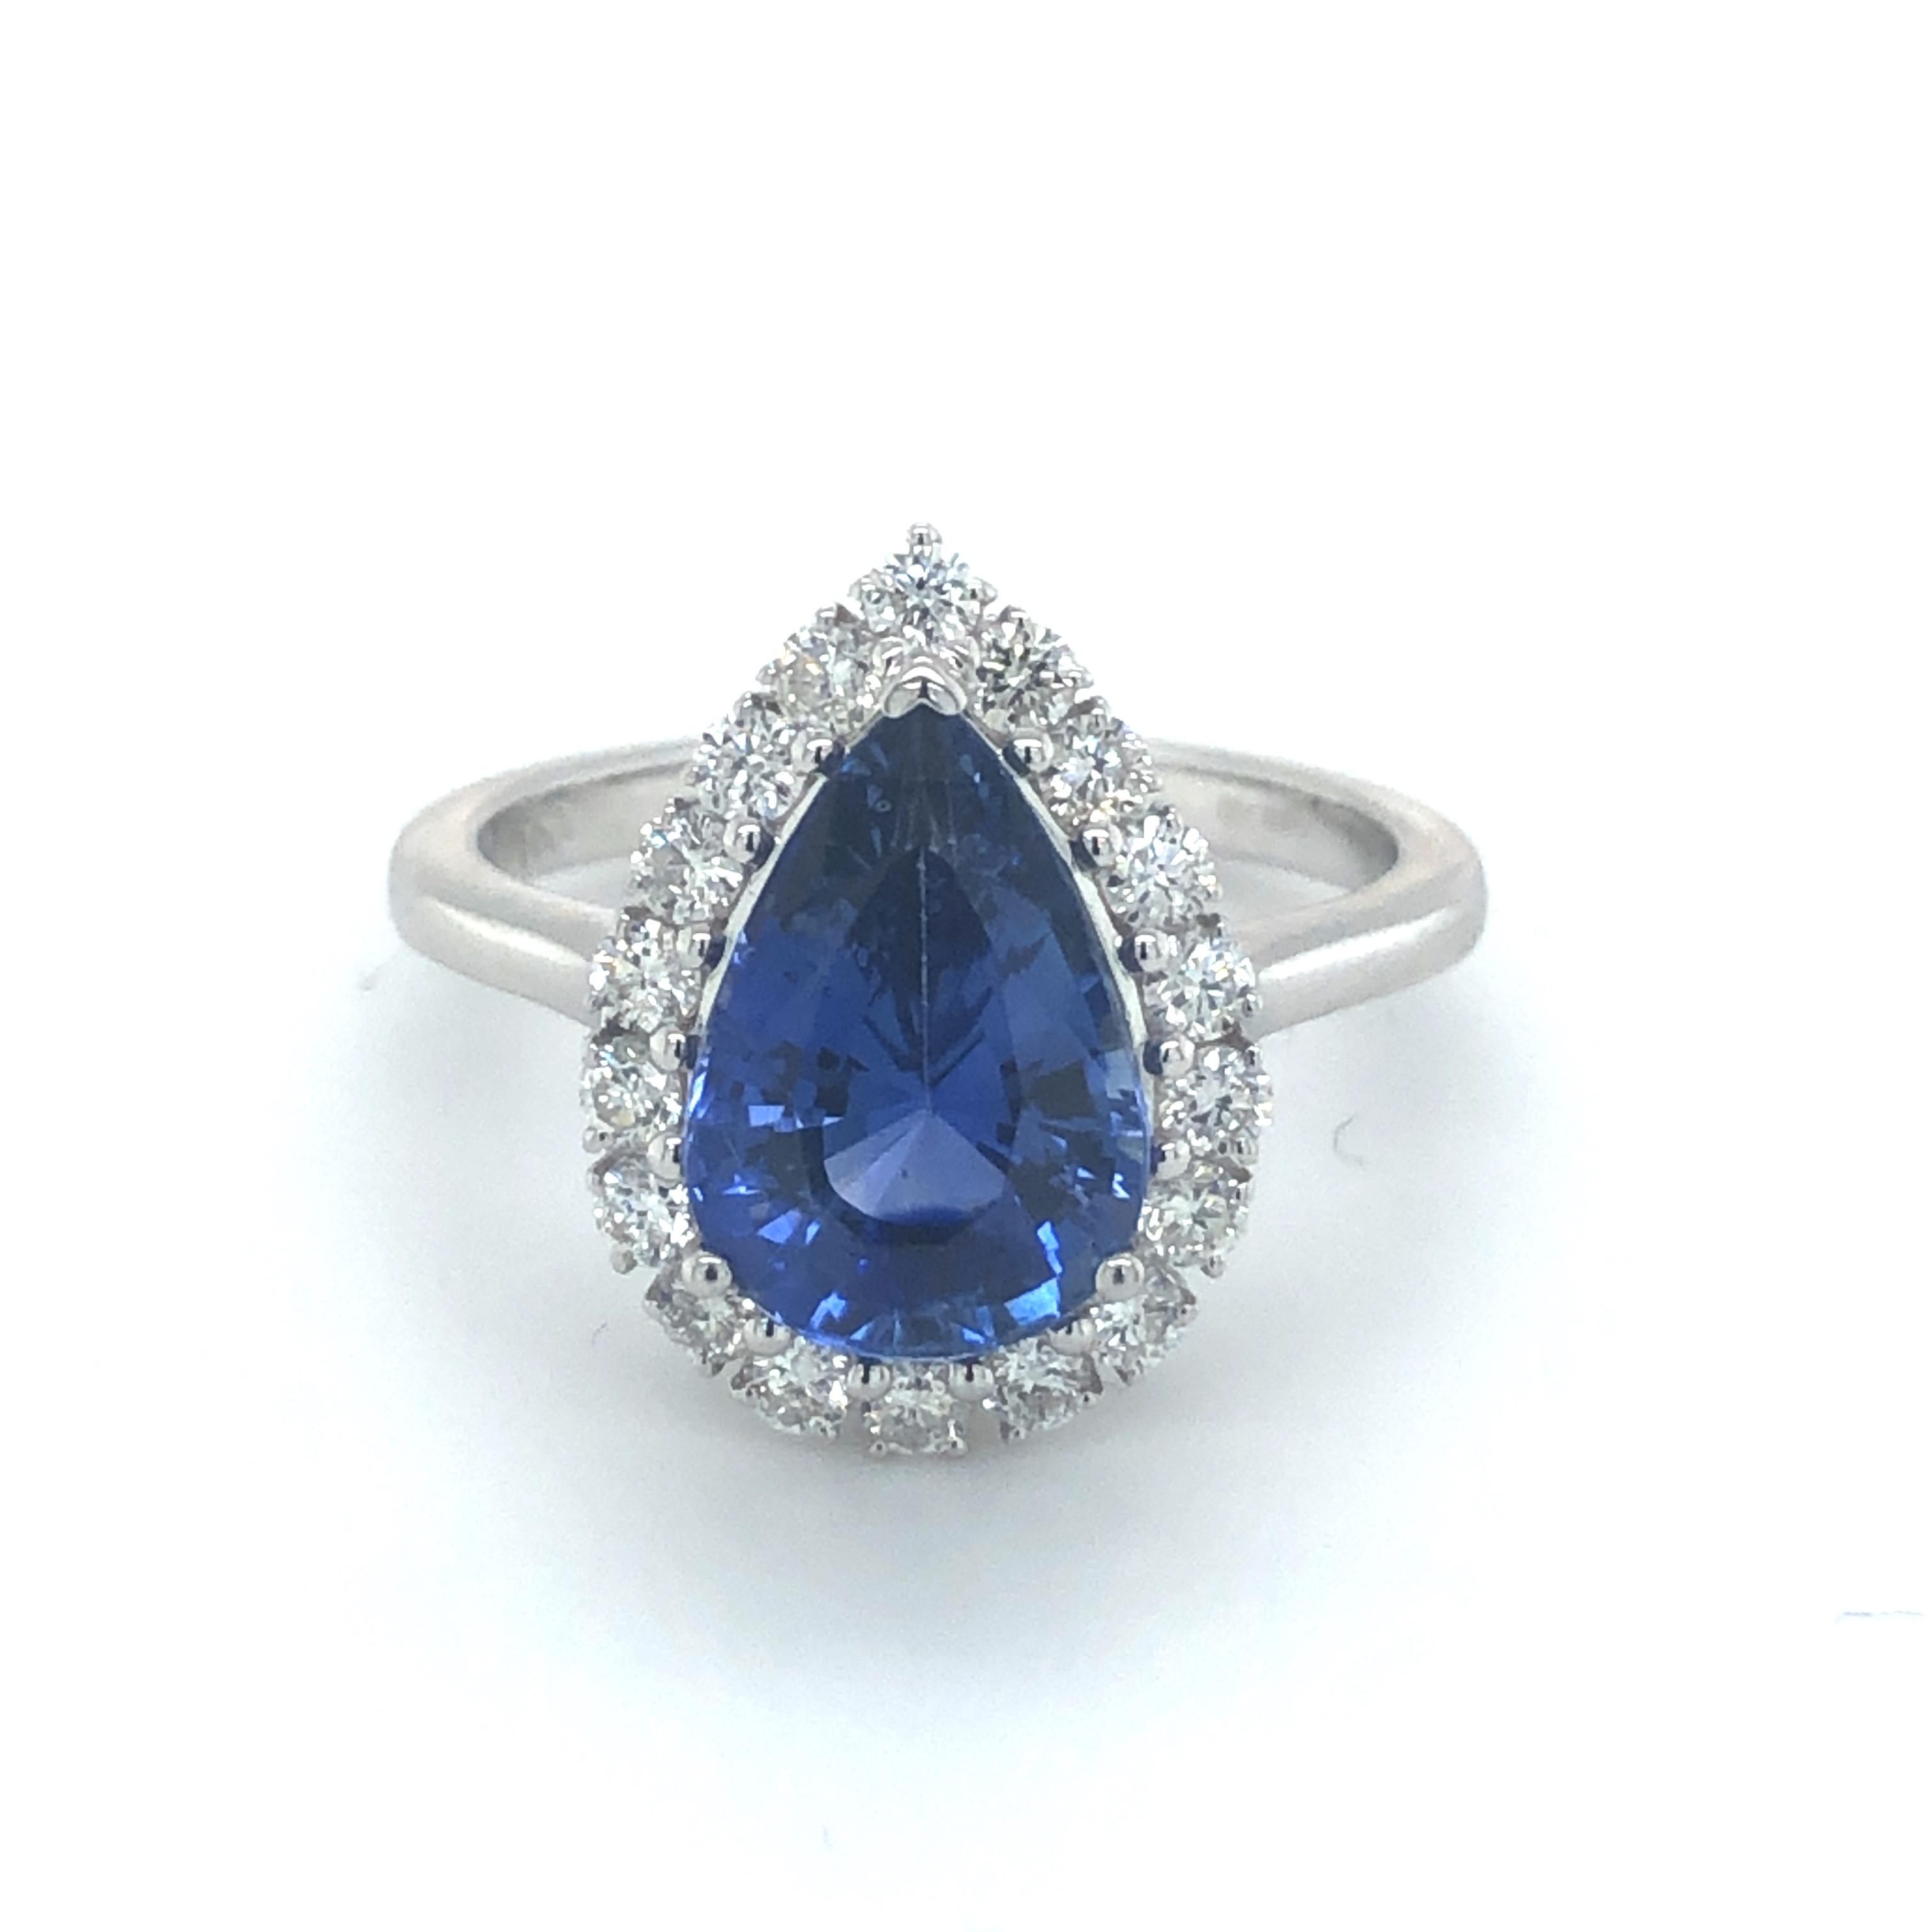 Pear Cut Sapphire & Diamond 18ct White Gold Ring